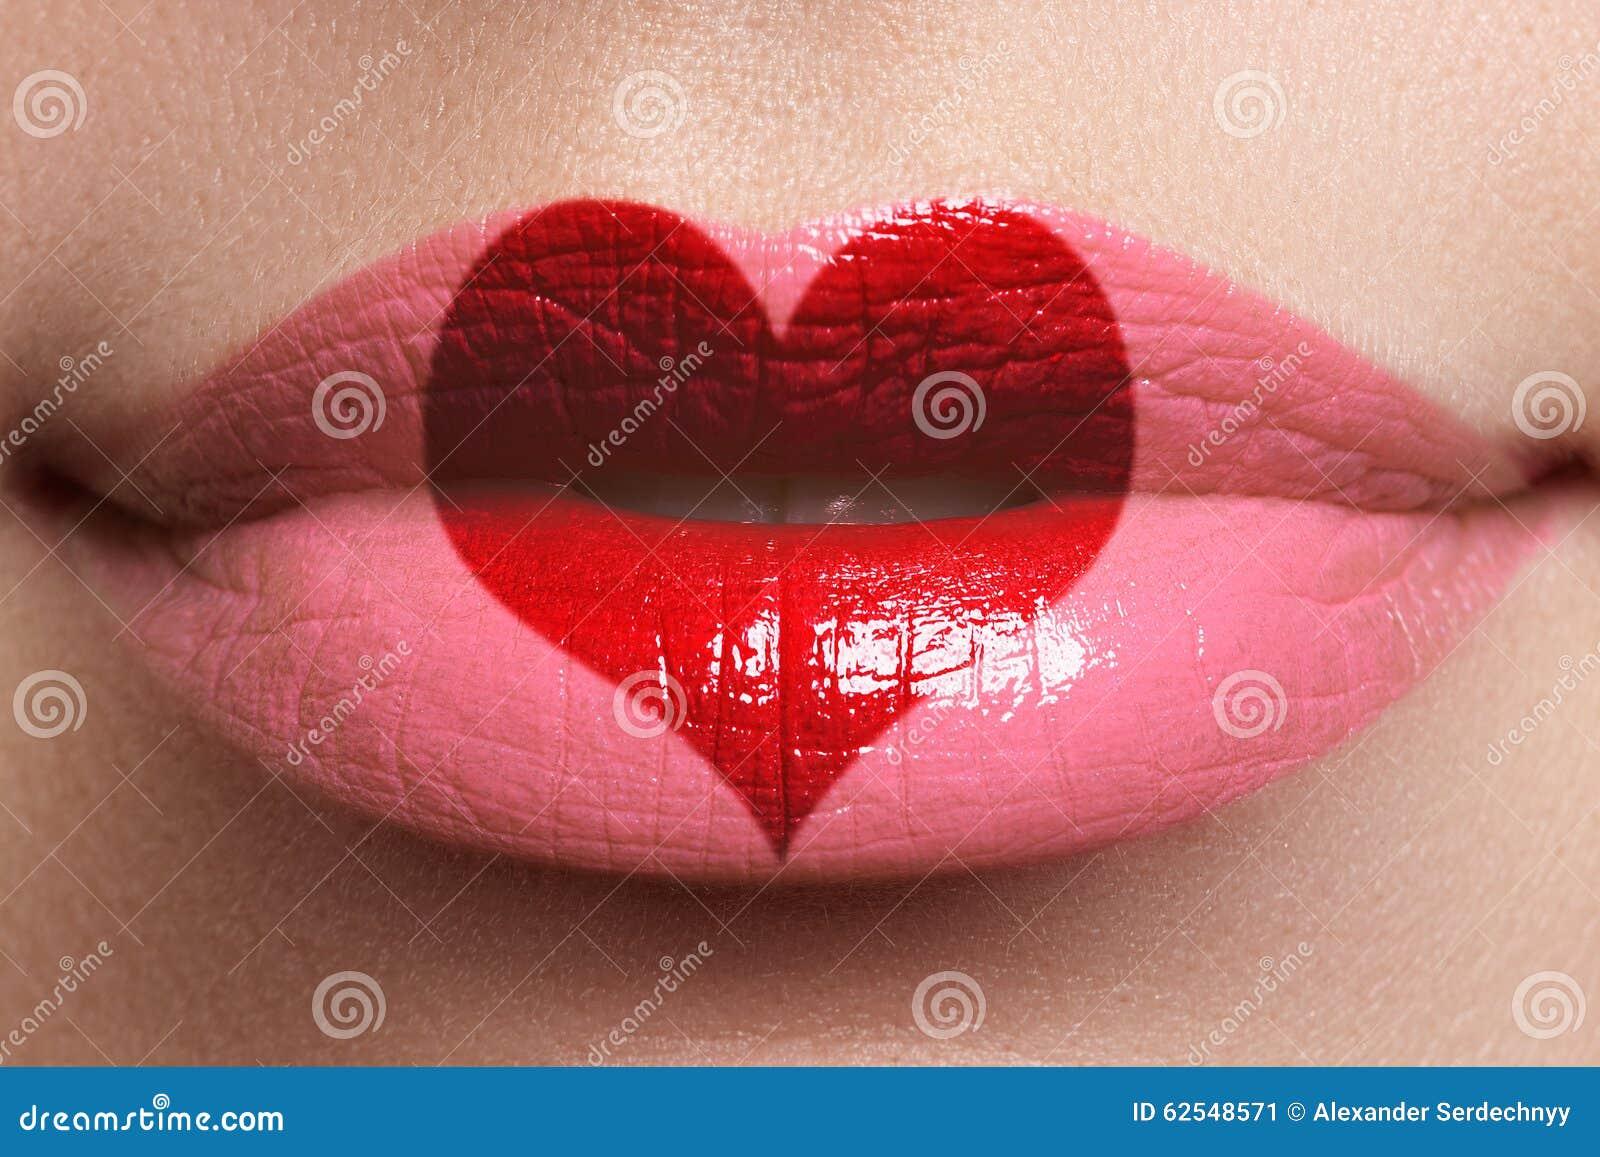 Hjärtakyss på kanterna Målar sexiga fulla kanter för skönhet med hjärtaform red steg härligt smink Läppstift och Lipgloss